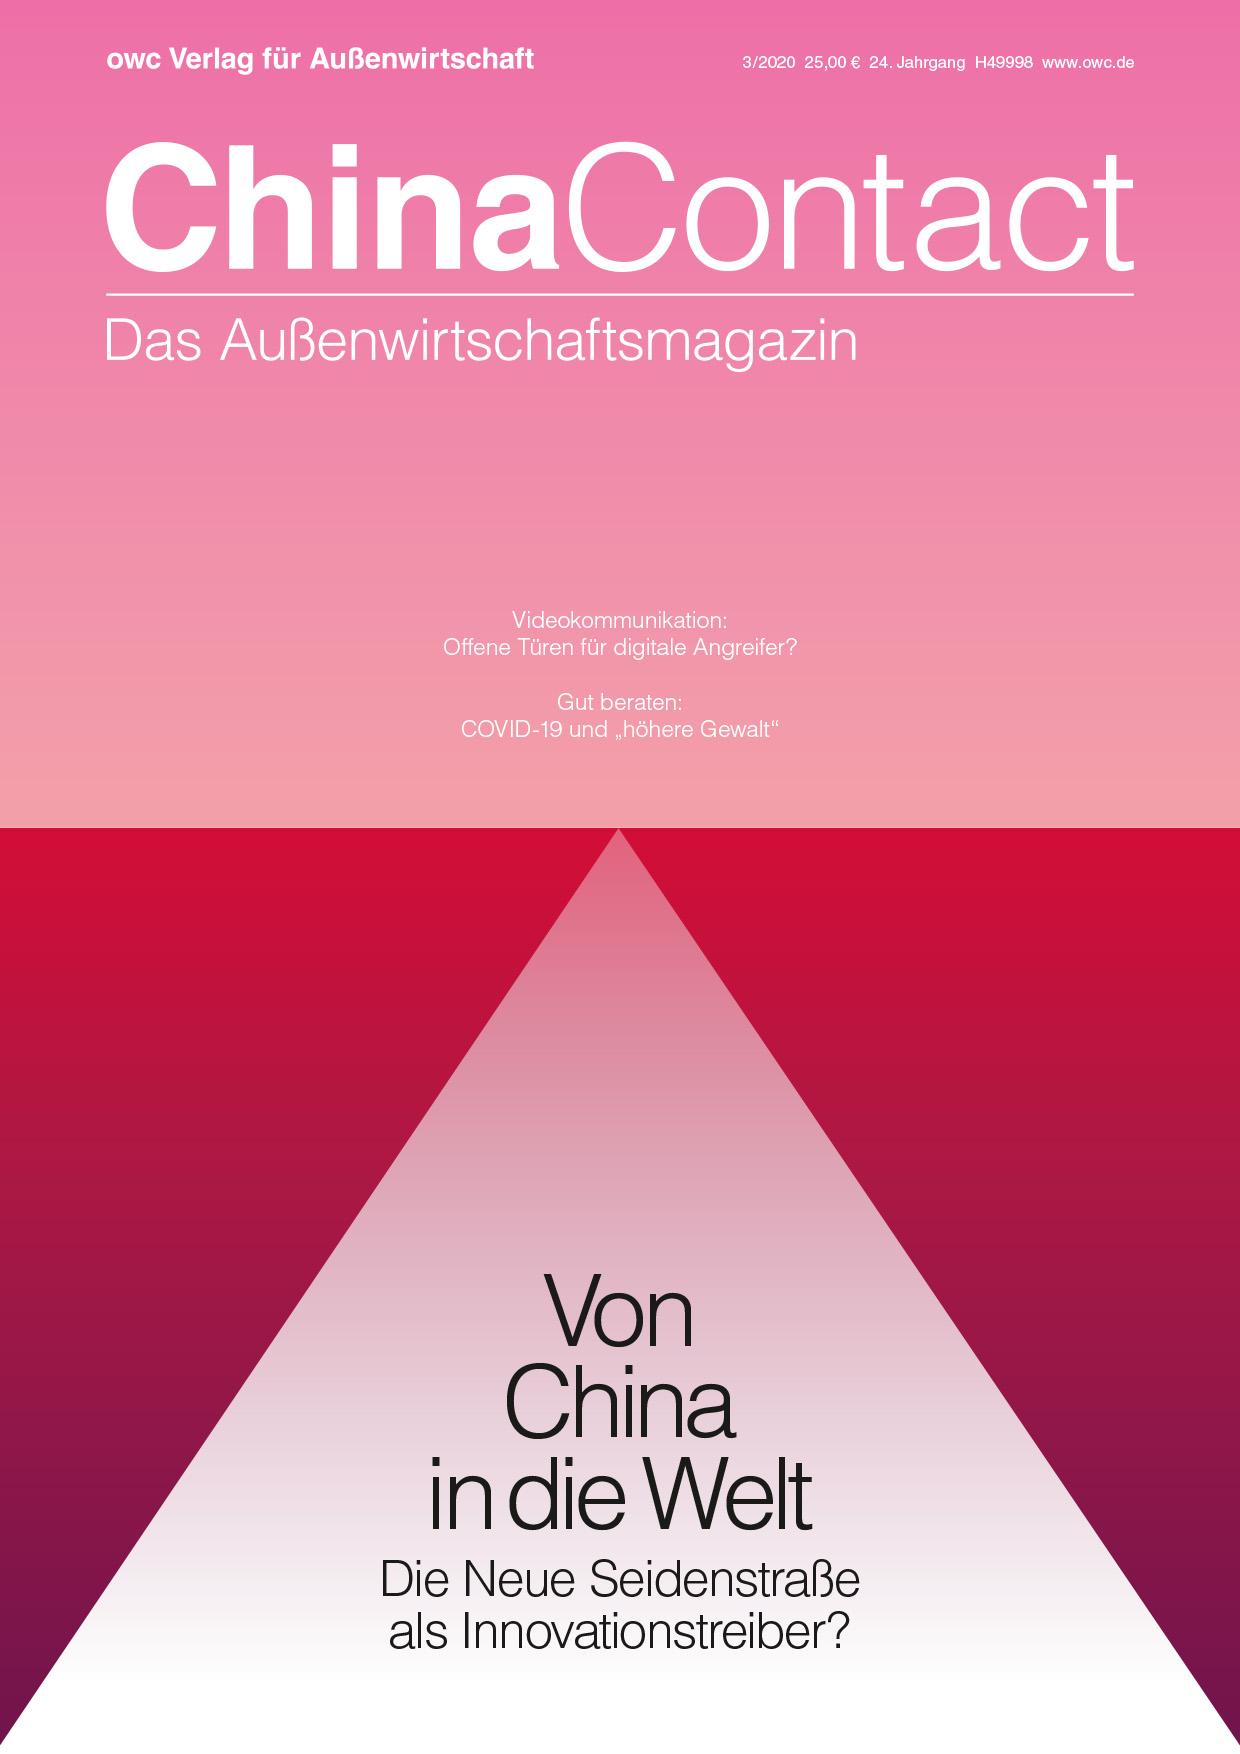 https://owc.de/wp-content/uploads/2020/07/CC_3-2020_cover.jpg